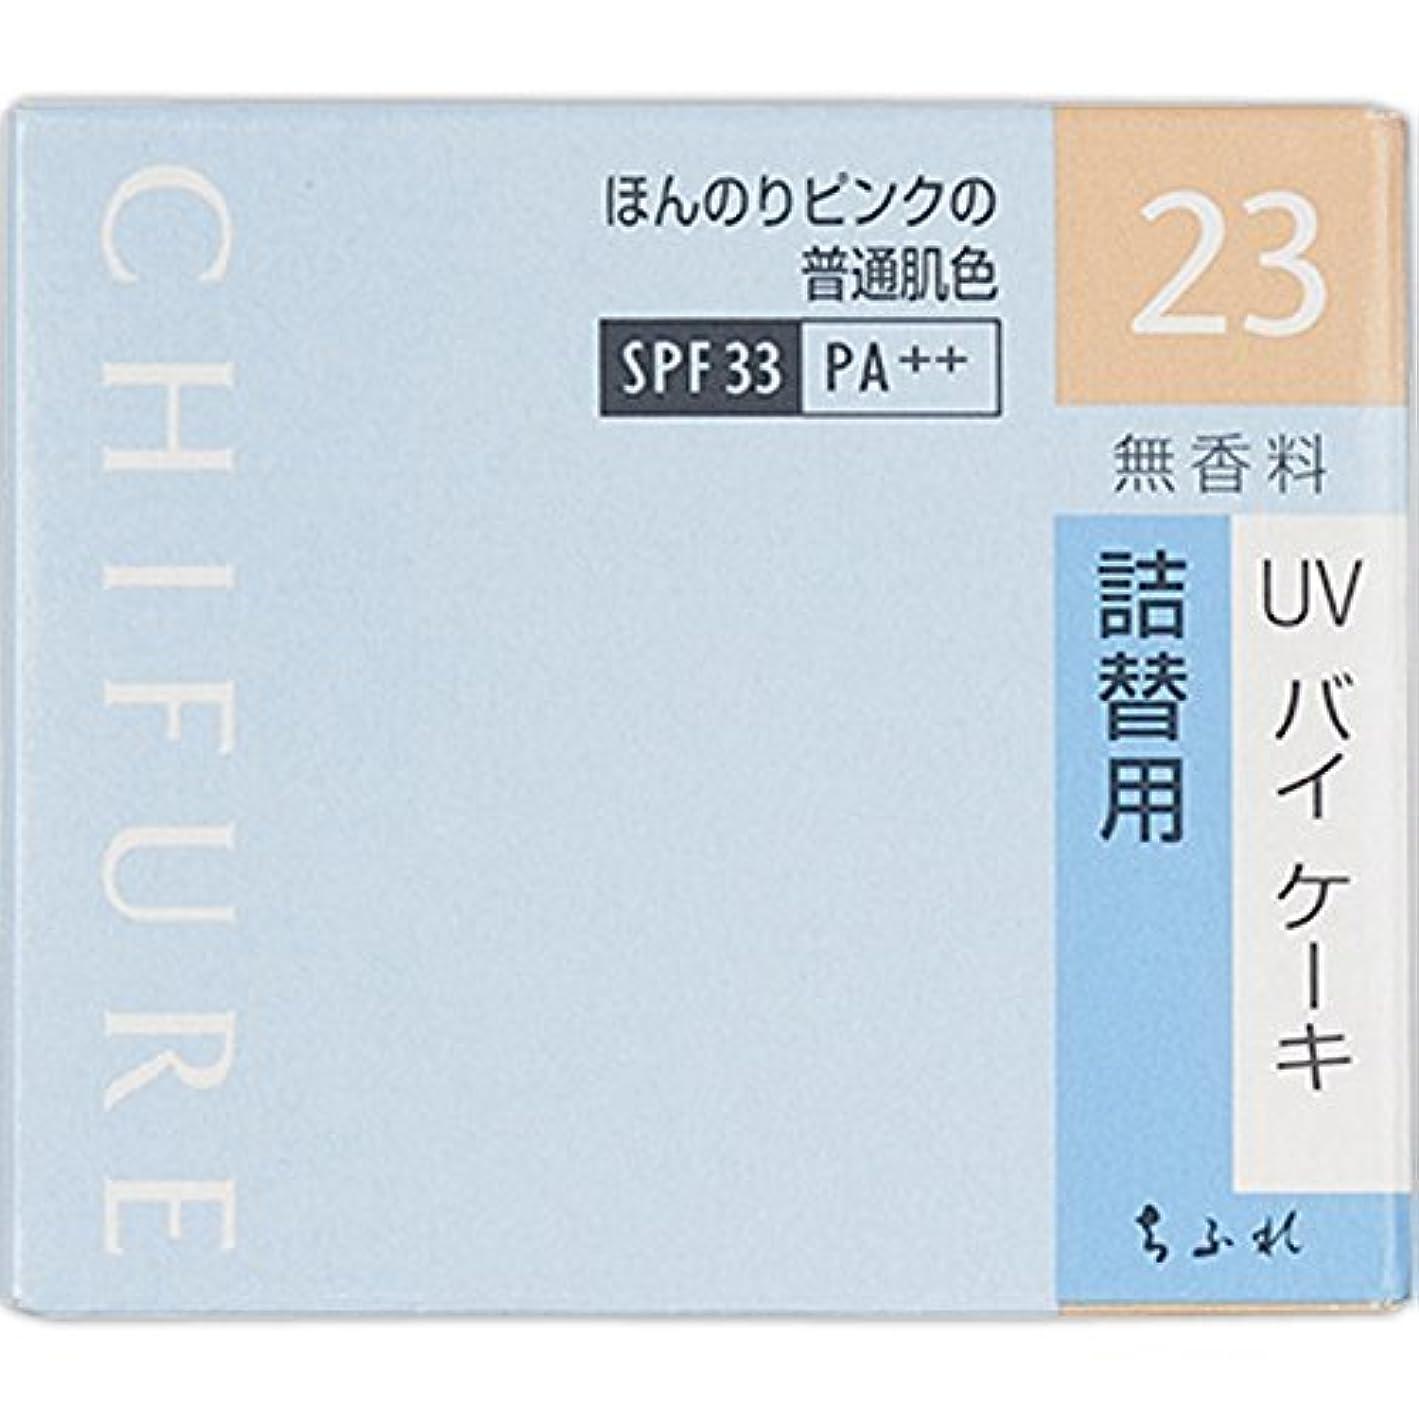 ビート戦争アラスカちふれ化粧品 UV バイ ケーキ 詰替用 23 ほんのりピンク普通肌色 14g